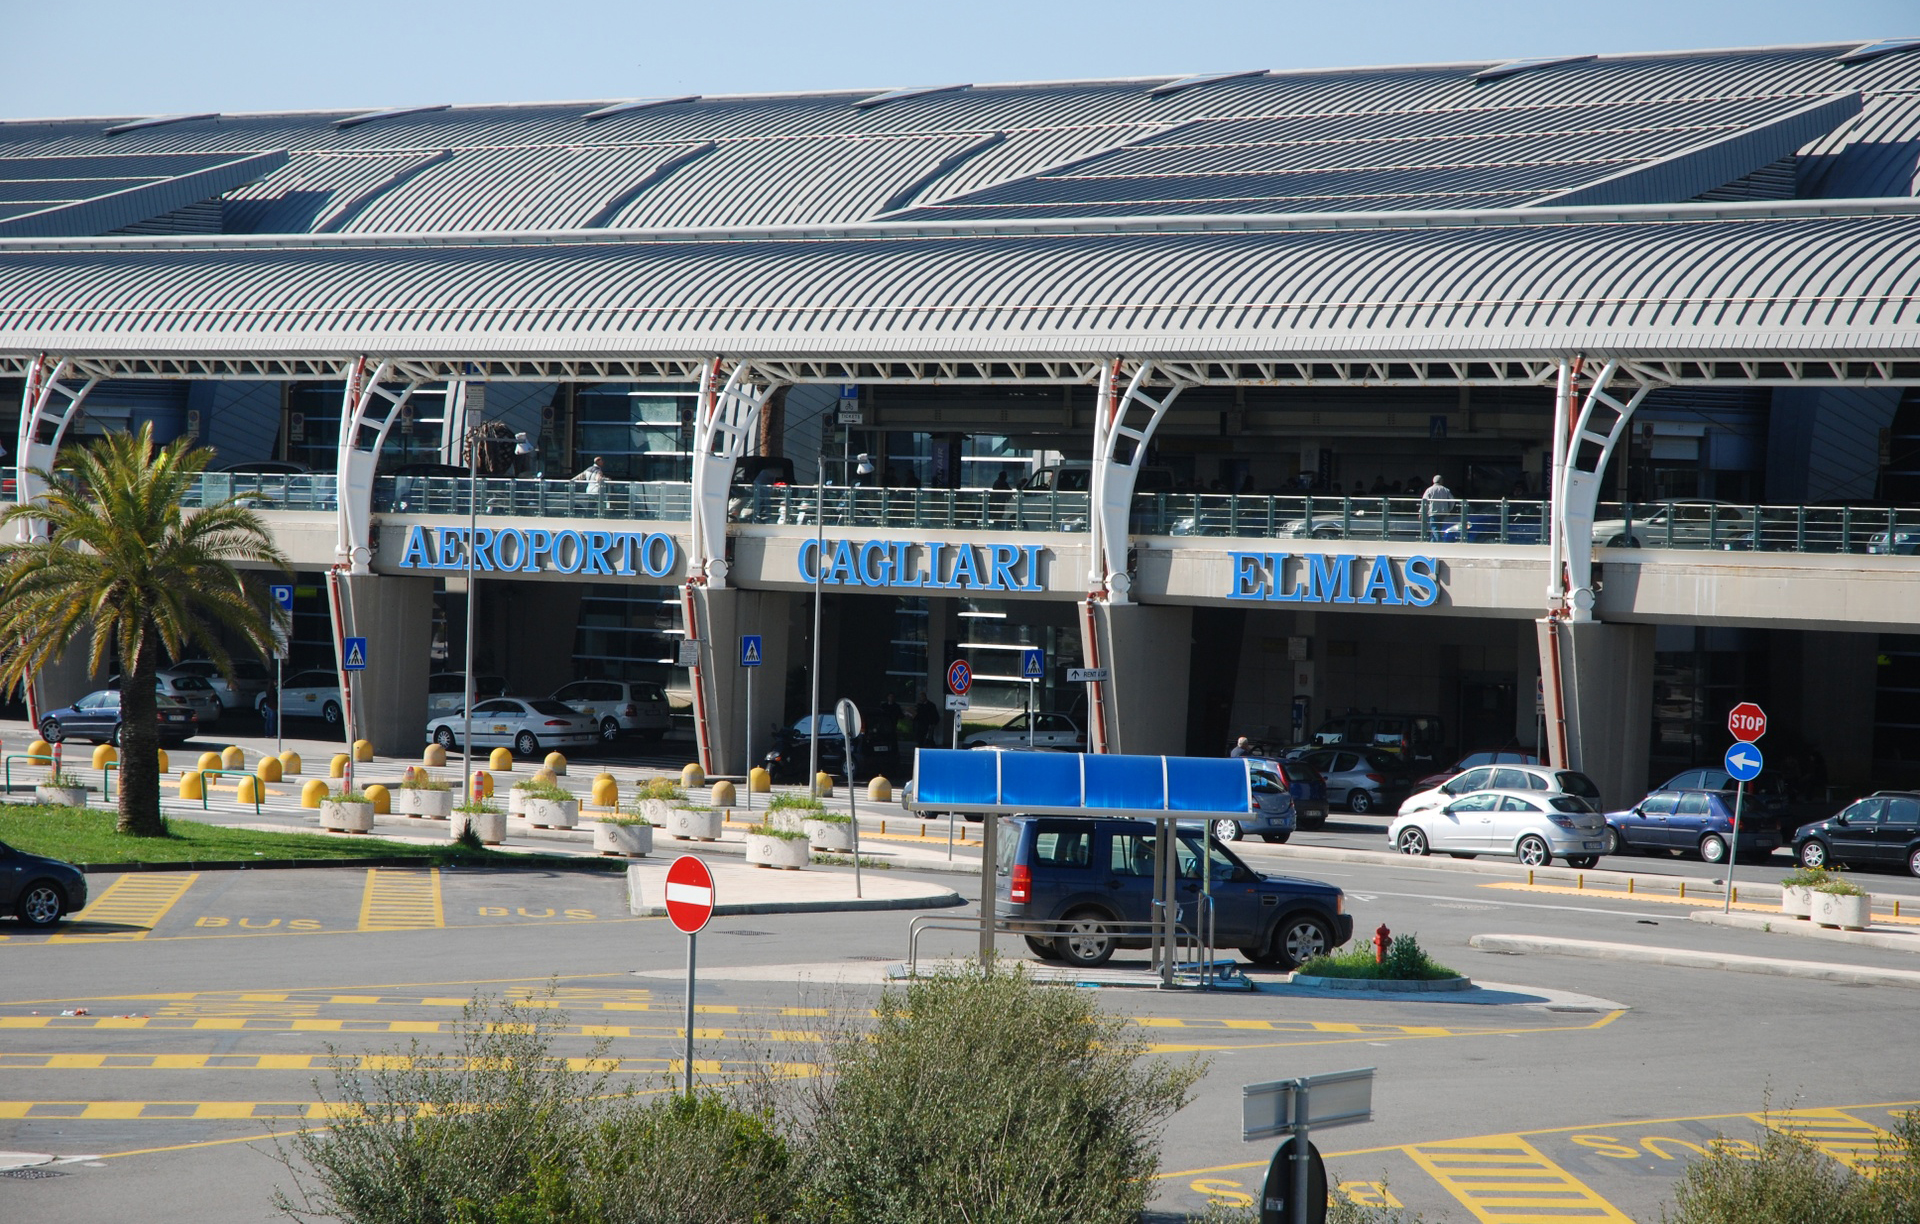 Aeroporto di Cagliari